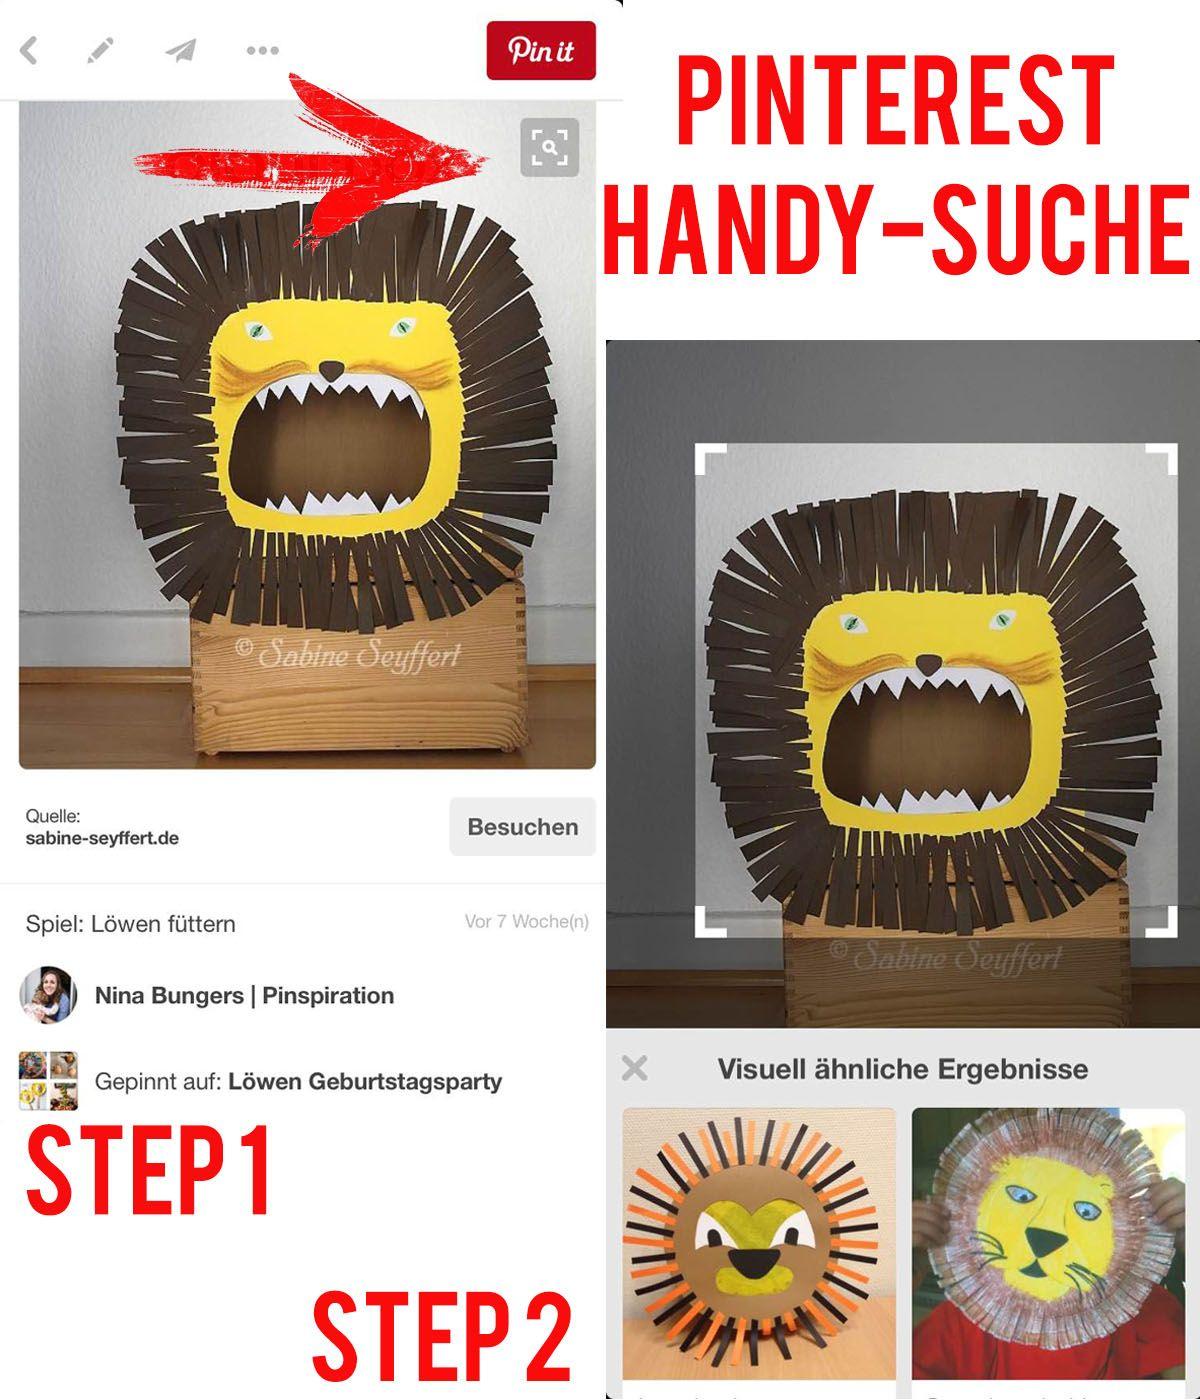 Kindergeburtstag mit Pinterest planen: Friedrichs Löwenparty - Erfahre alles, wie man auf Pinterest erfolgreich die Suchfunktionen für Projekte nutzen kann und wie Pinterest dabei helfen kann, eine Kindergeburtstags-Mottoparty zu planen | Pinspiration